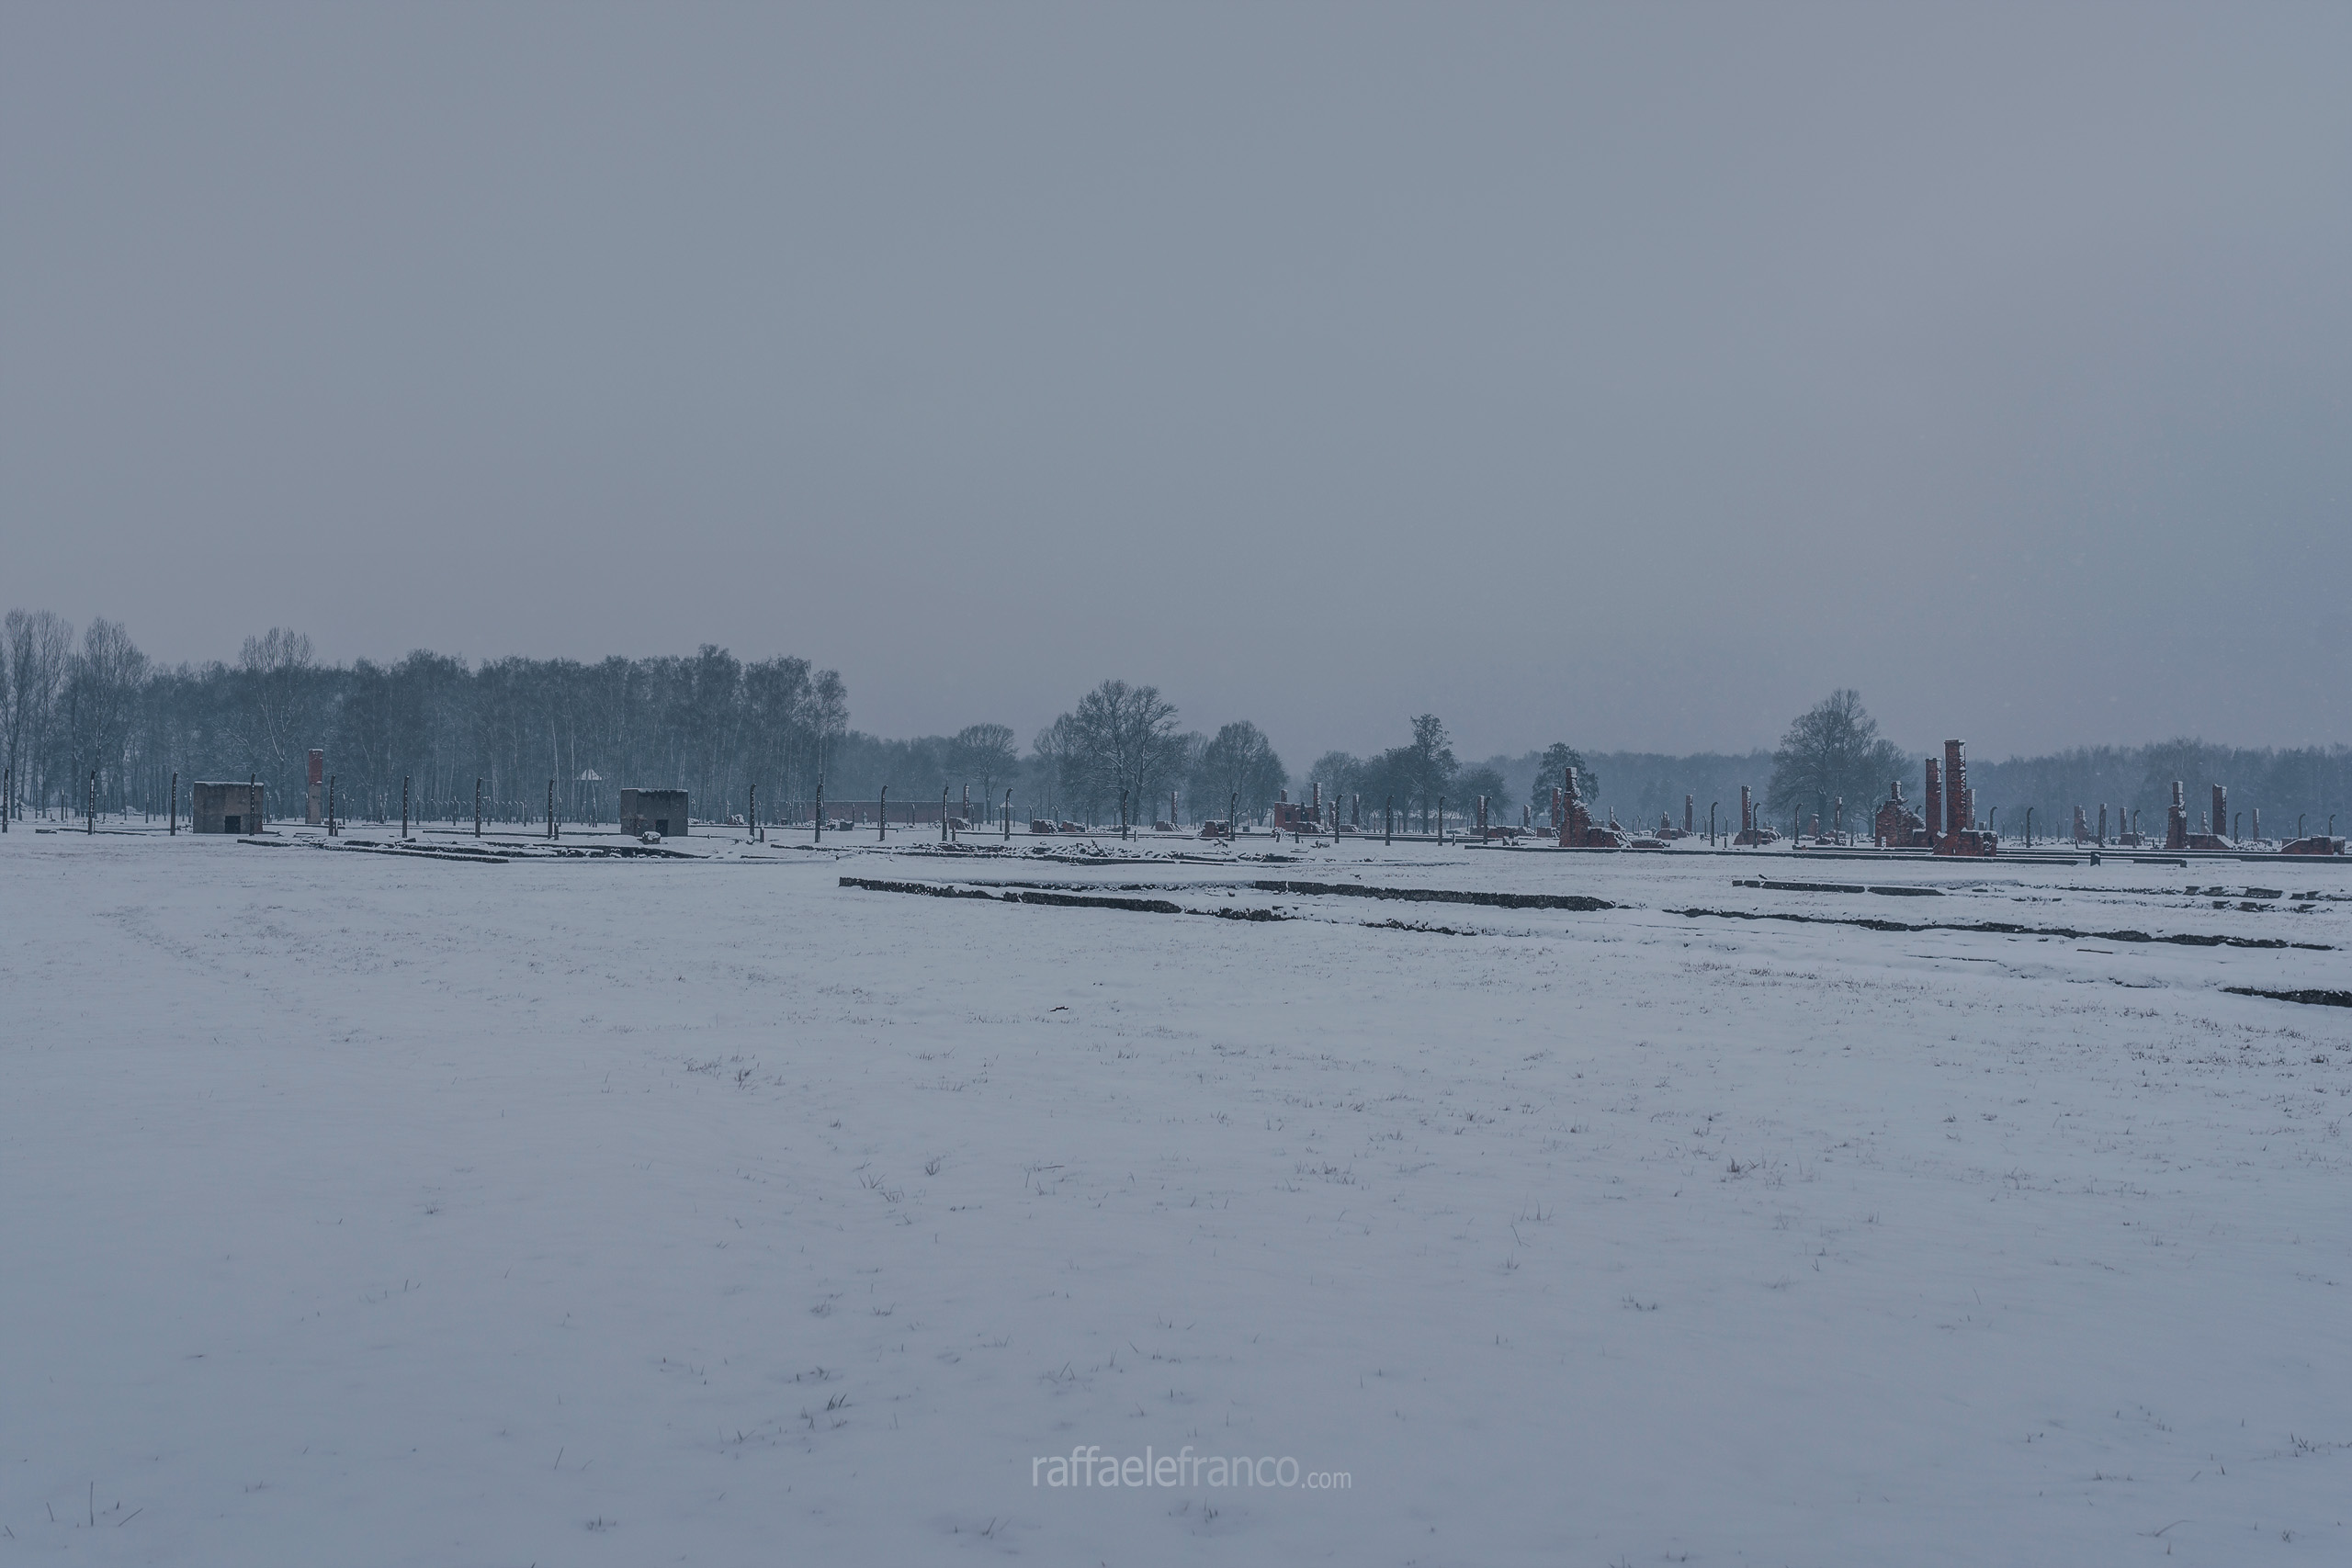 Ciò che resta dell'infinita distesa di baracche di legno ad Auschwitz-Birkenau II